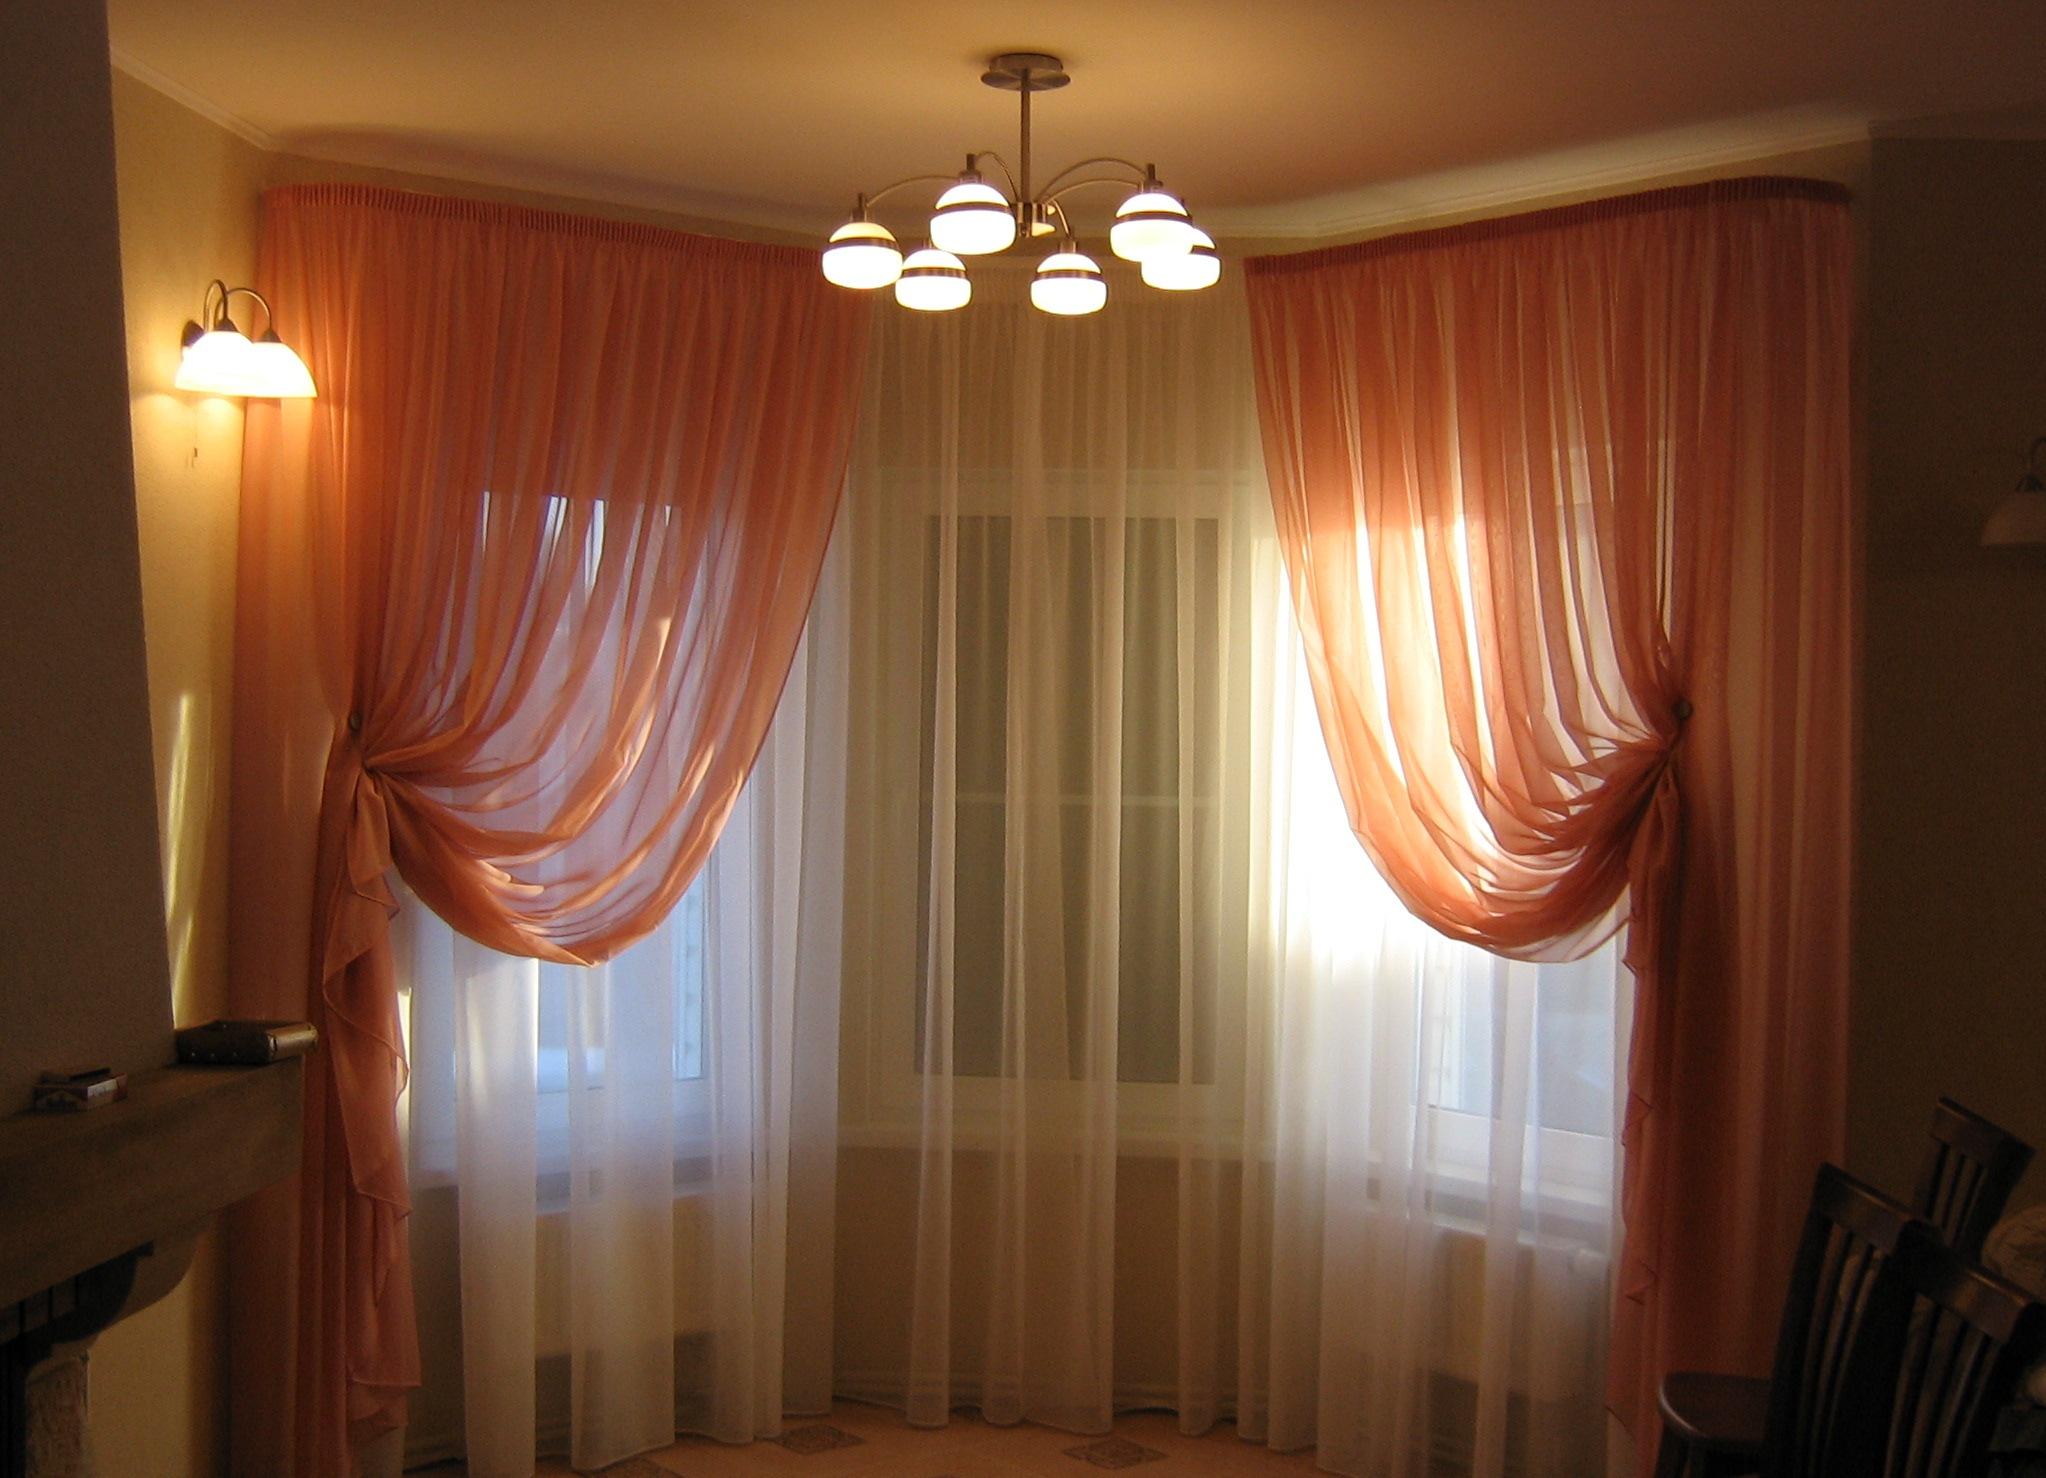 Дизайн штор для потолочных карнизов